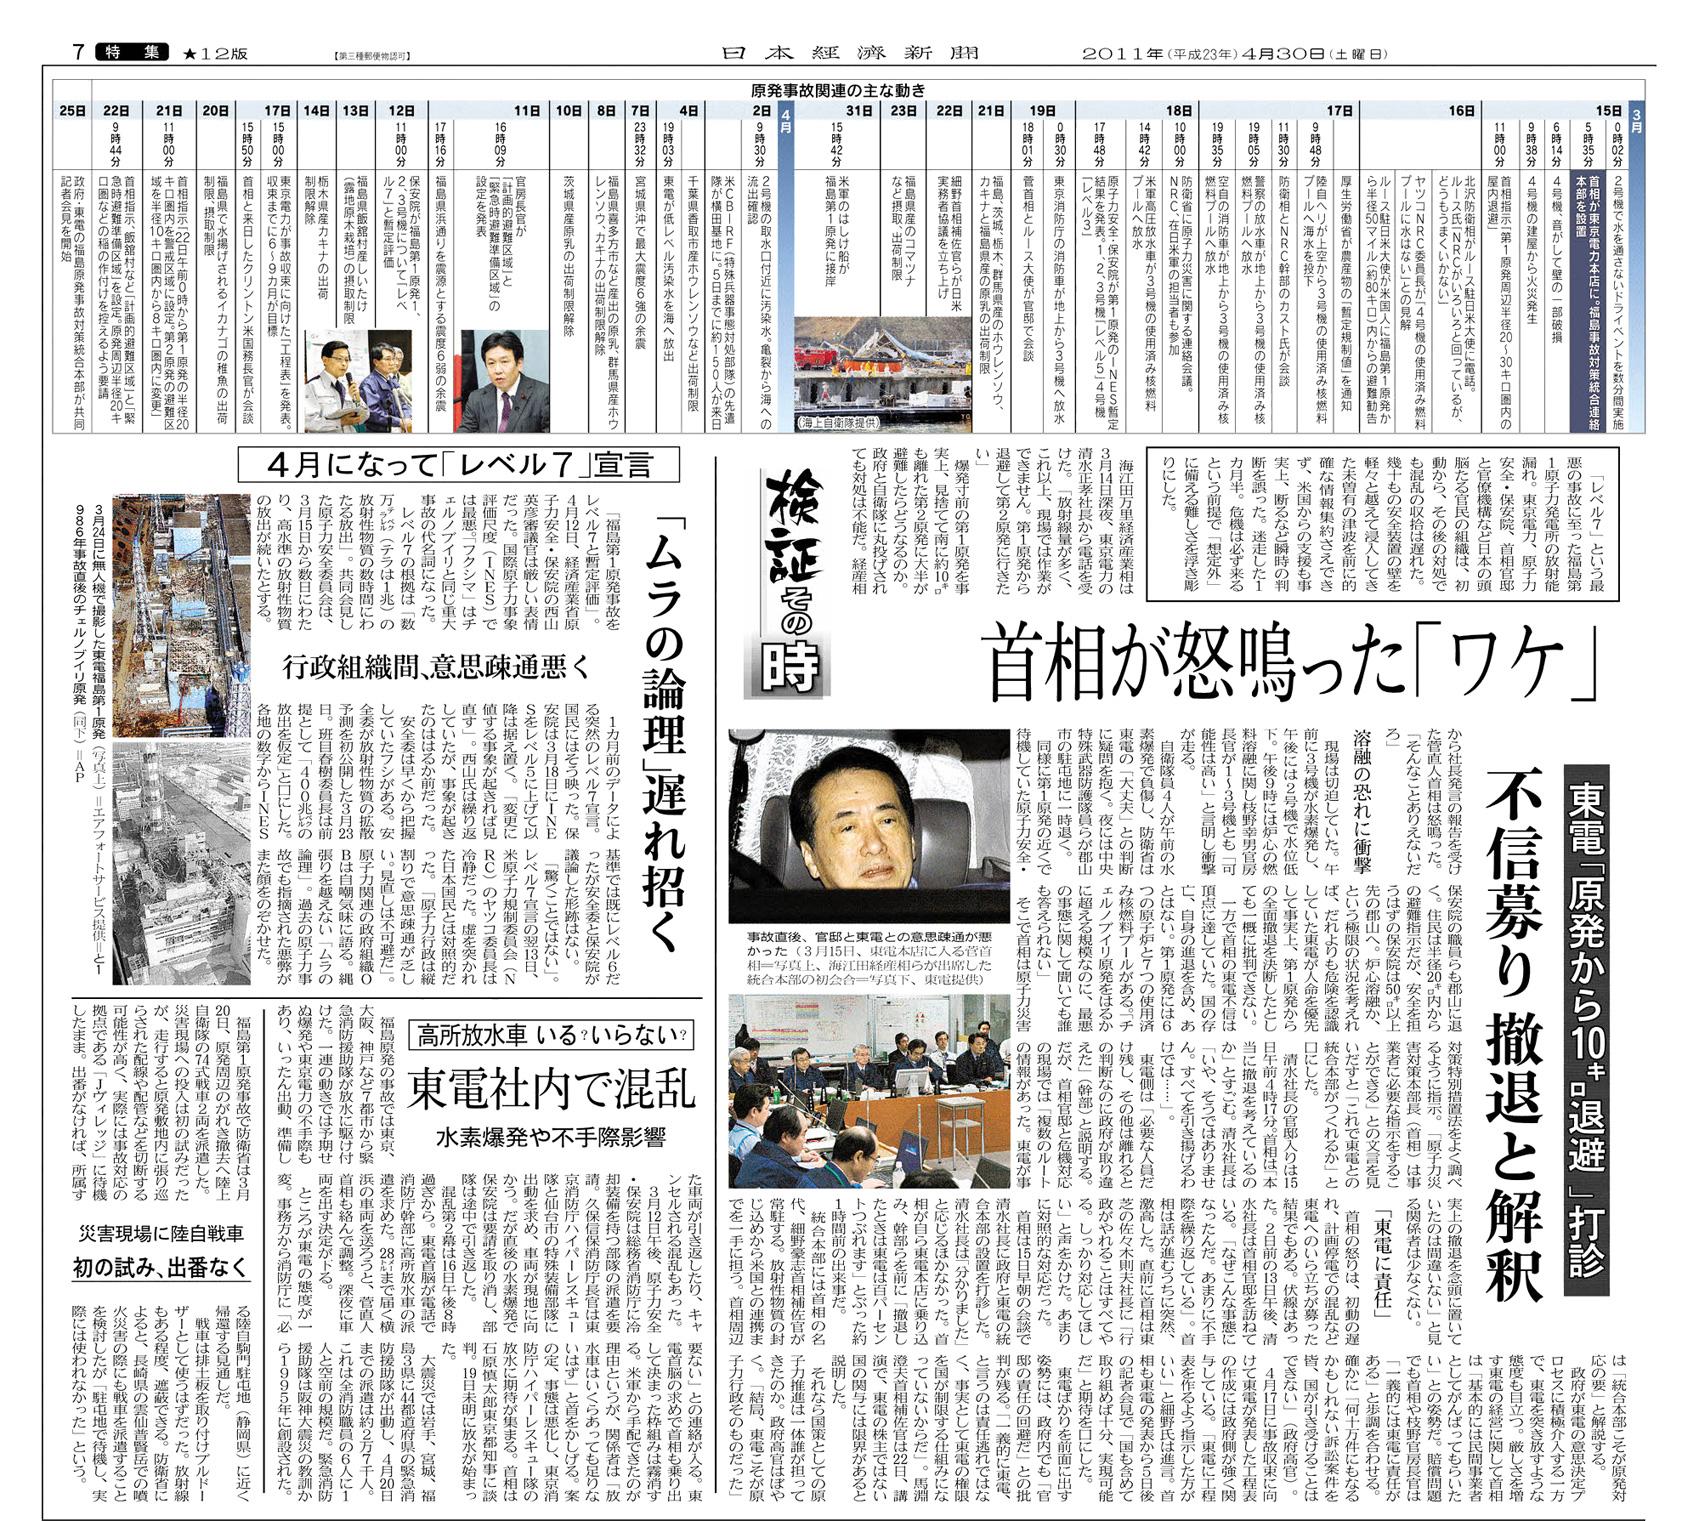 日経新聞 2011.4.30